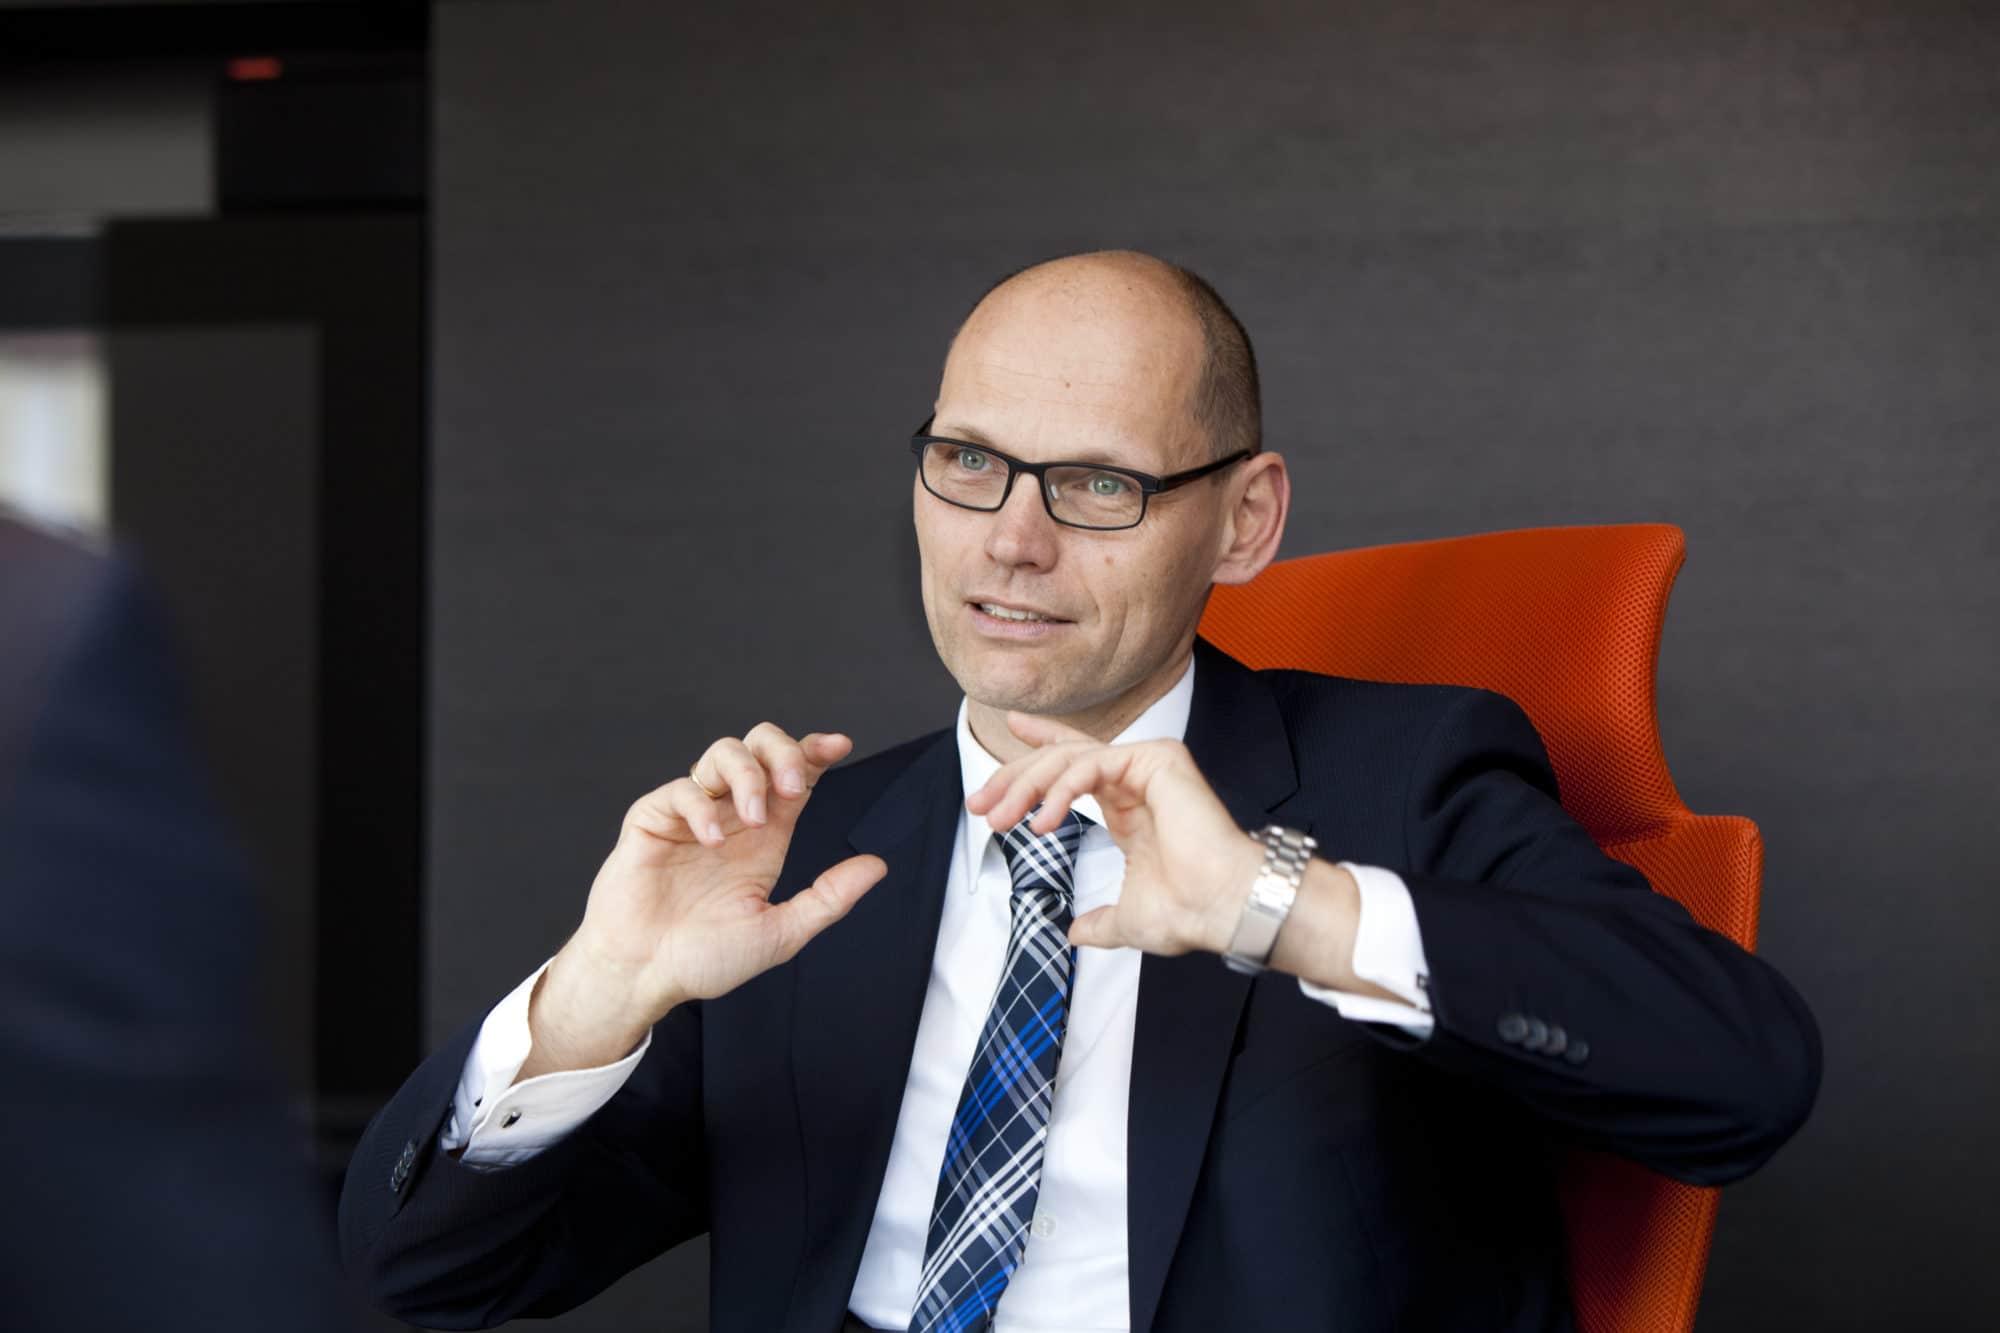 Die Gesichter der FinTech Branche...Dürfen wir vorstellen...Matthias Hoenisch